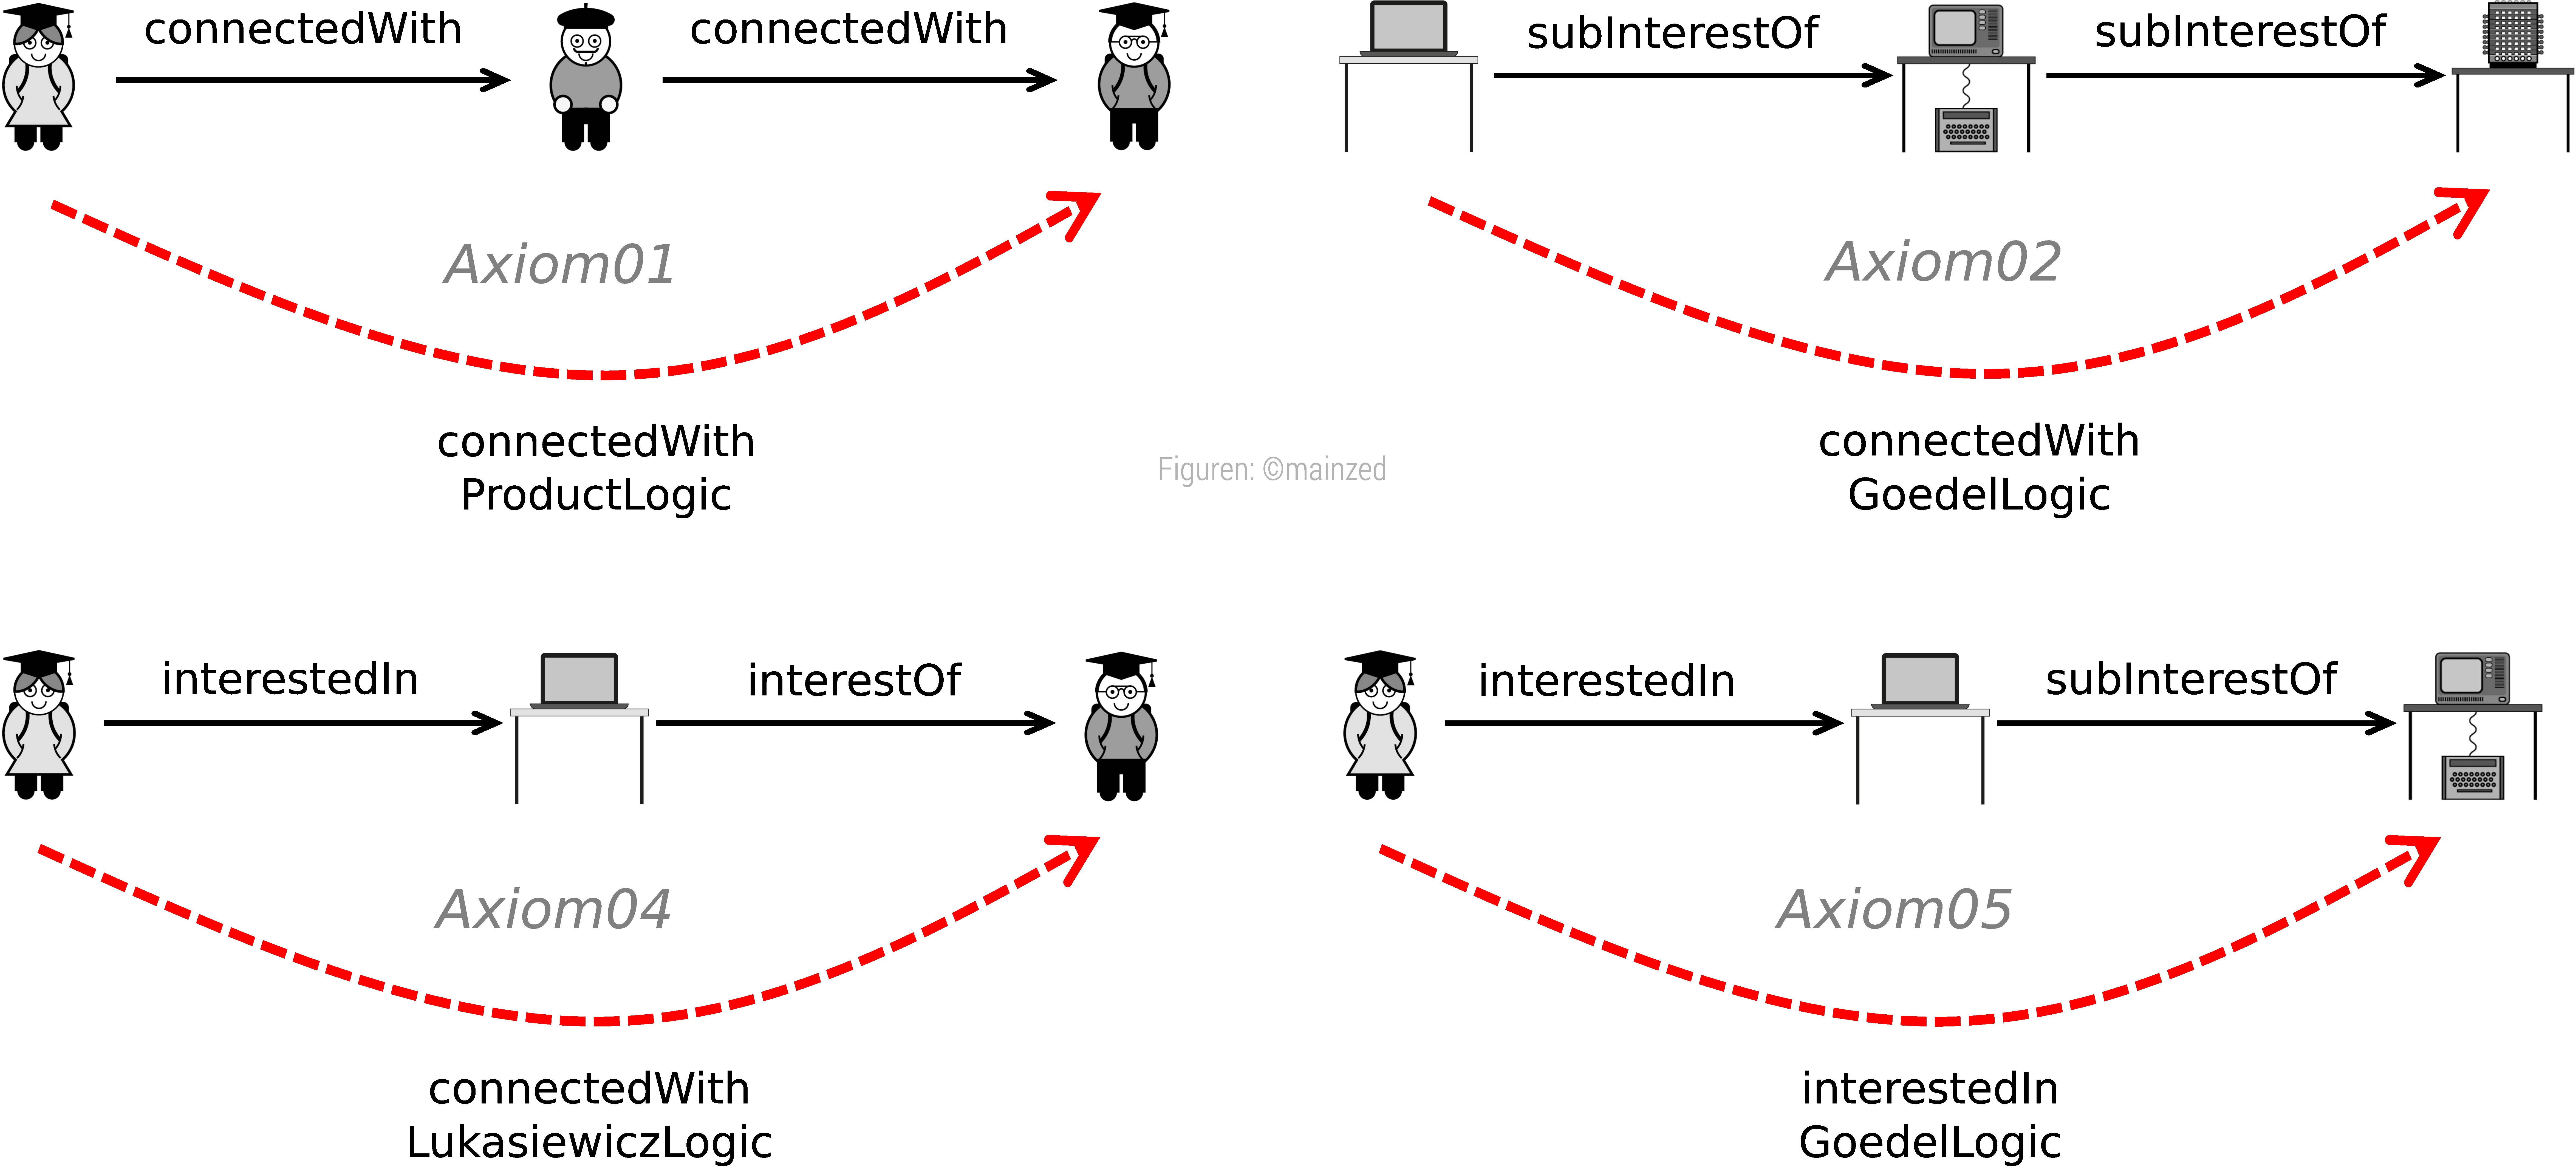 Abb. 6: Rollen-Kettenregeln der mainzed-Ontologie. [Eigene Darstellung, Figuren und Geräte: © mainzed, CC BY                               4.0].